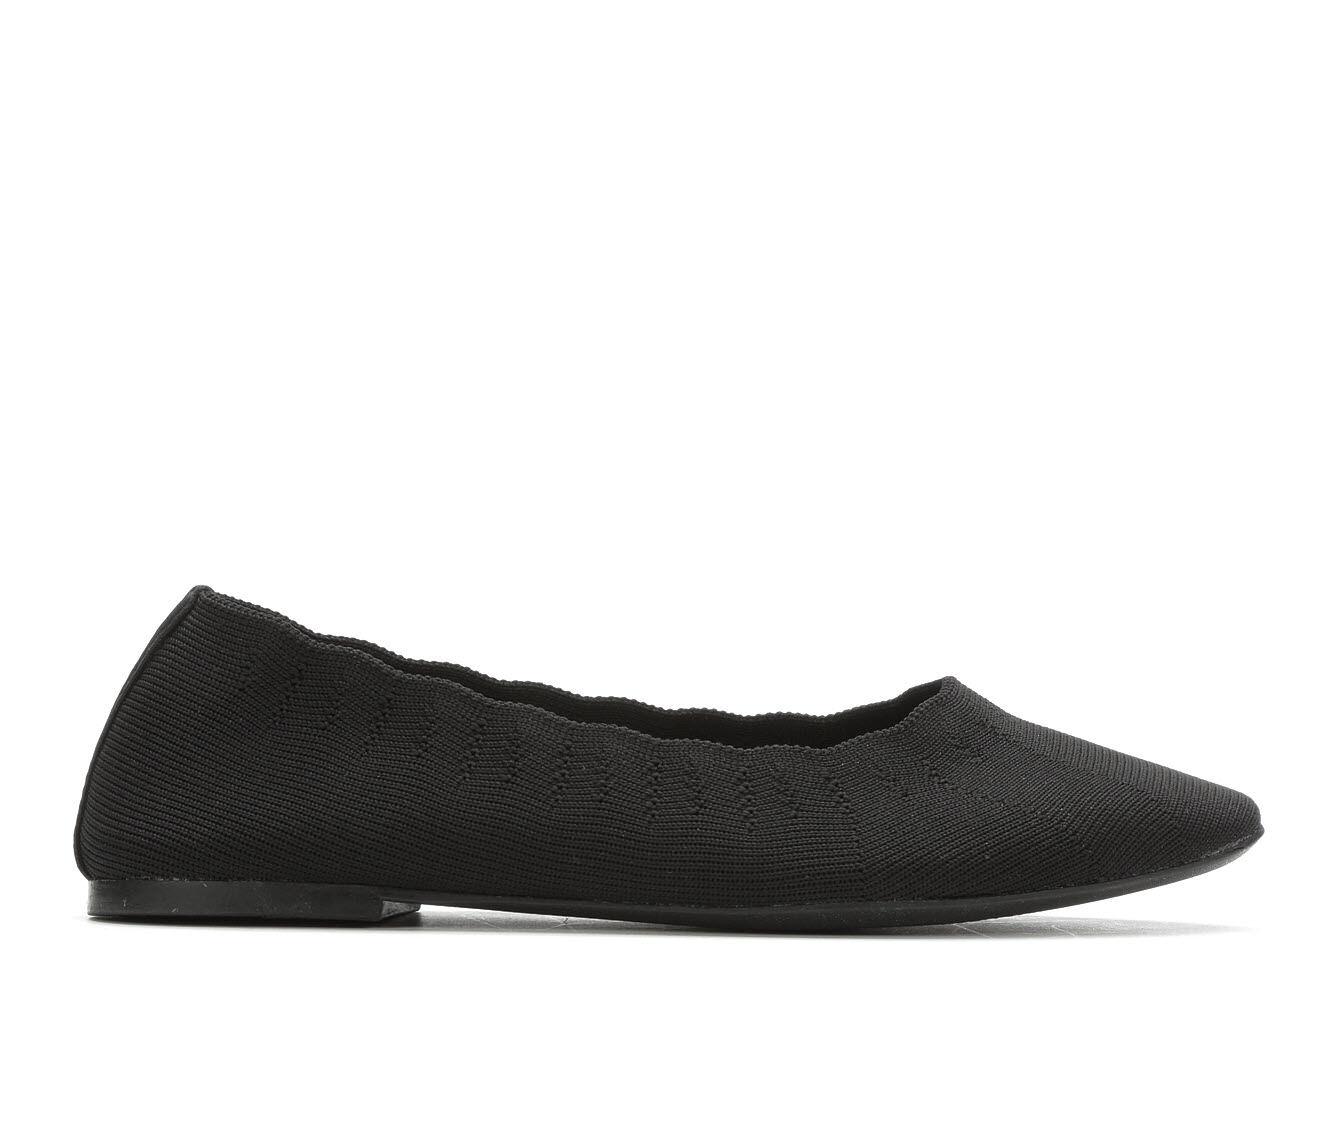 genuine store Women's Skechers Cleo 48885 Memory Foam Flats Black